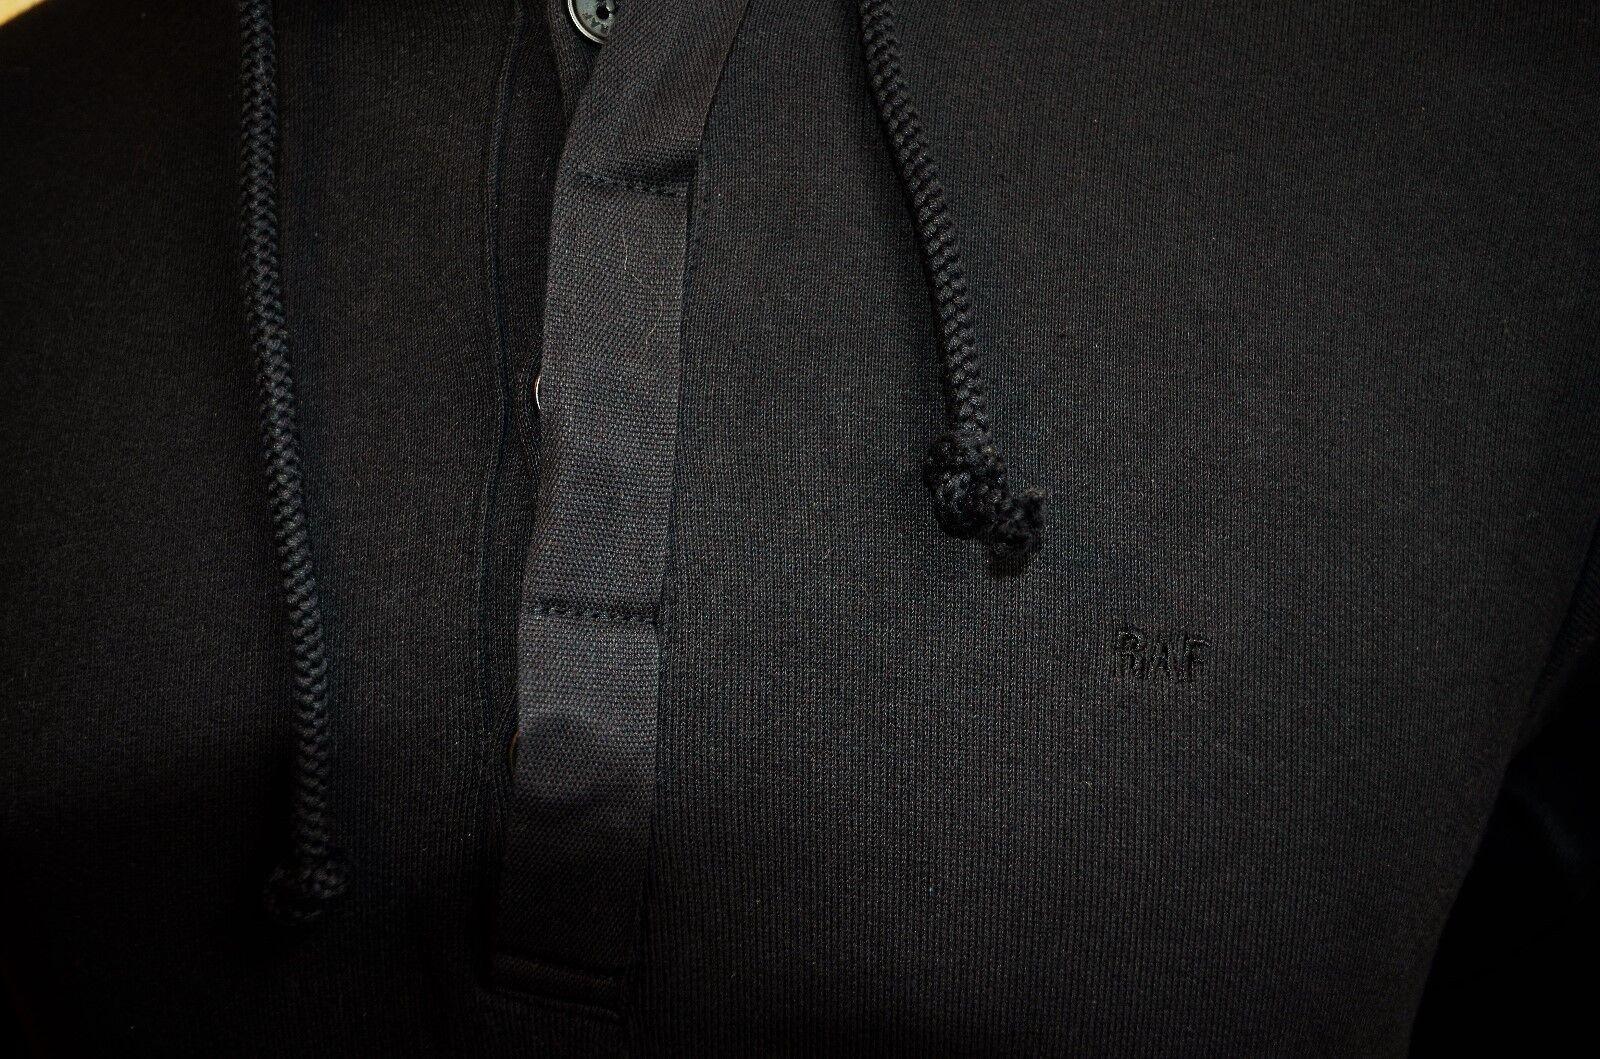 Raf By Simons Schwarze Baumwolle Kapuzenpullover Kapuzenpullover Kapuzenpullover mit Eingestickten Logo S S 7c1d39